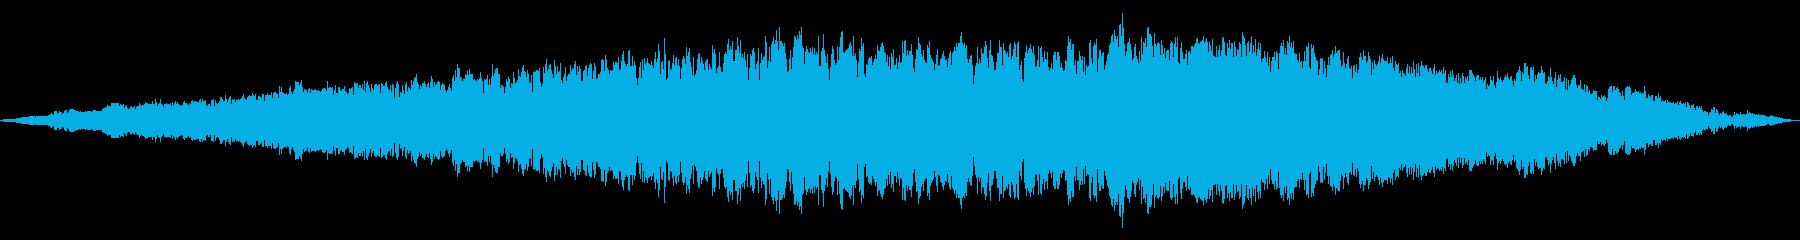 ディープスペーススタティックトーン...の再生済みの波形